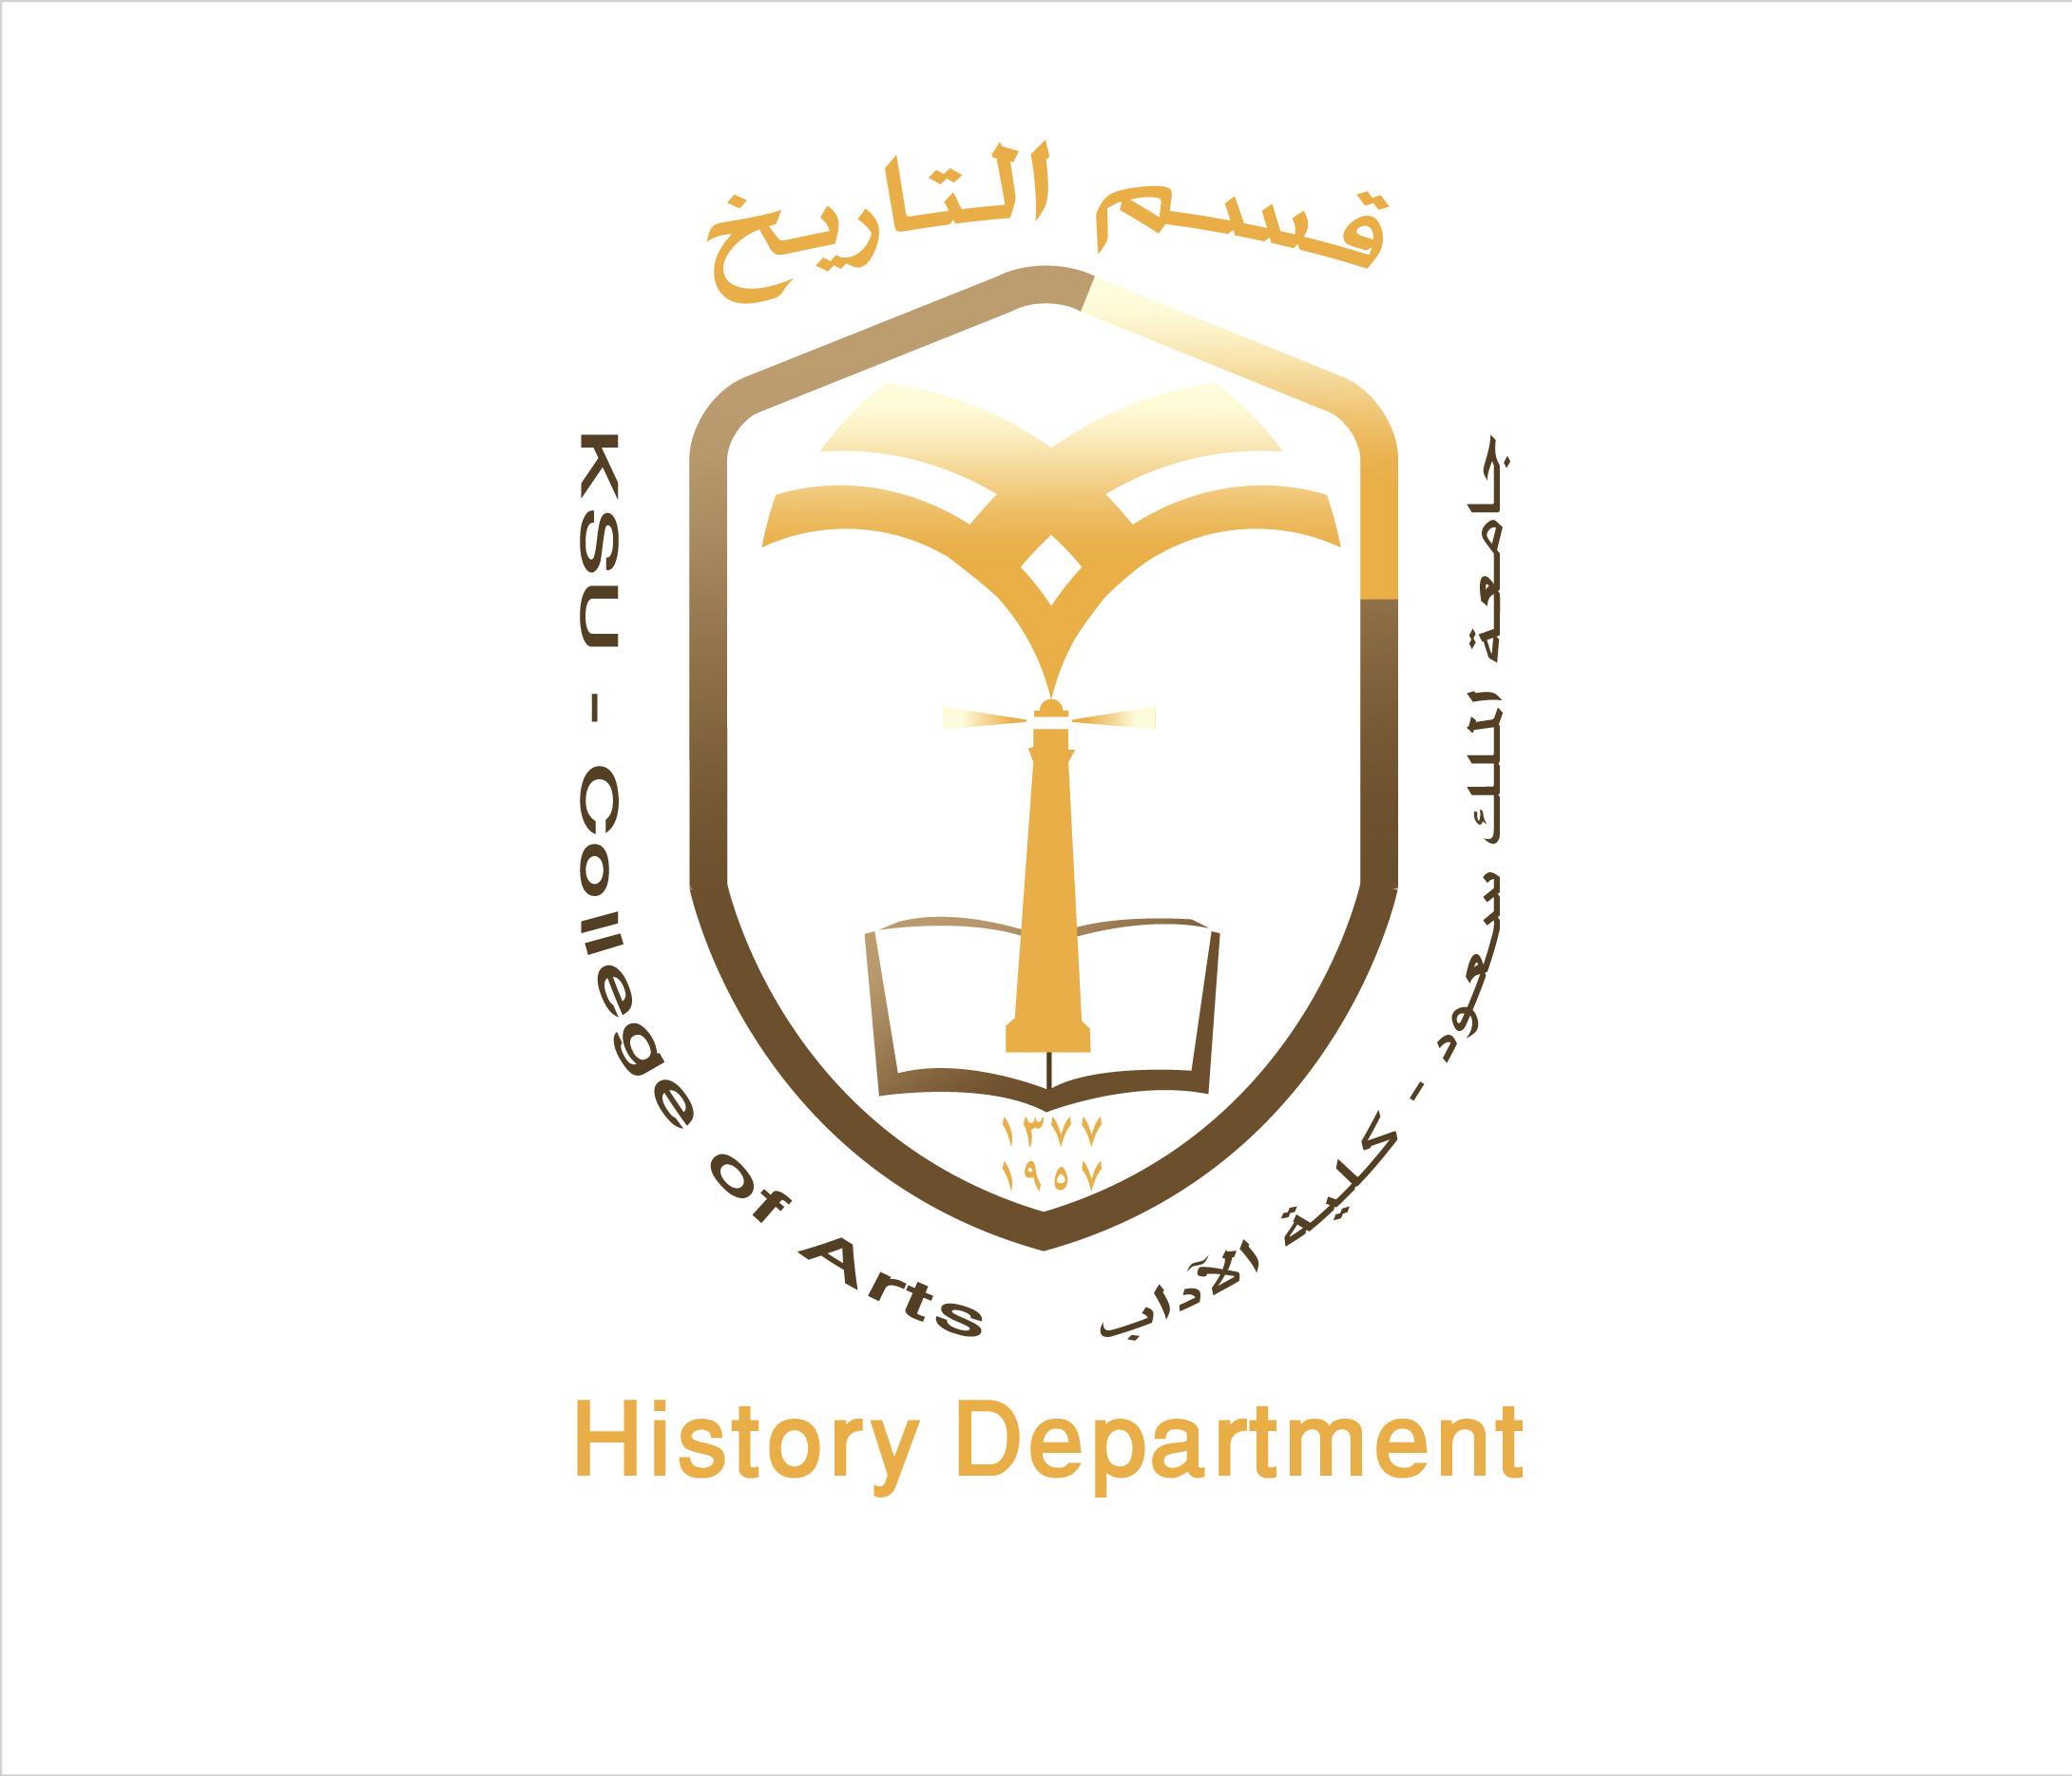 إعلان عن موعد الاختبار التحريري للمتقدمين والمتقدمات على برامج الدراسات العليا بقسم التاريخ